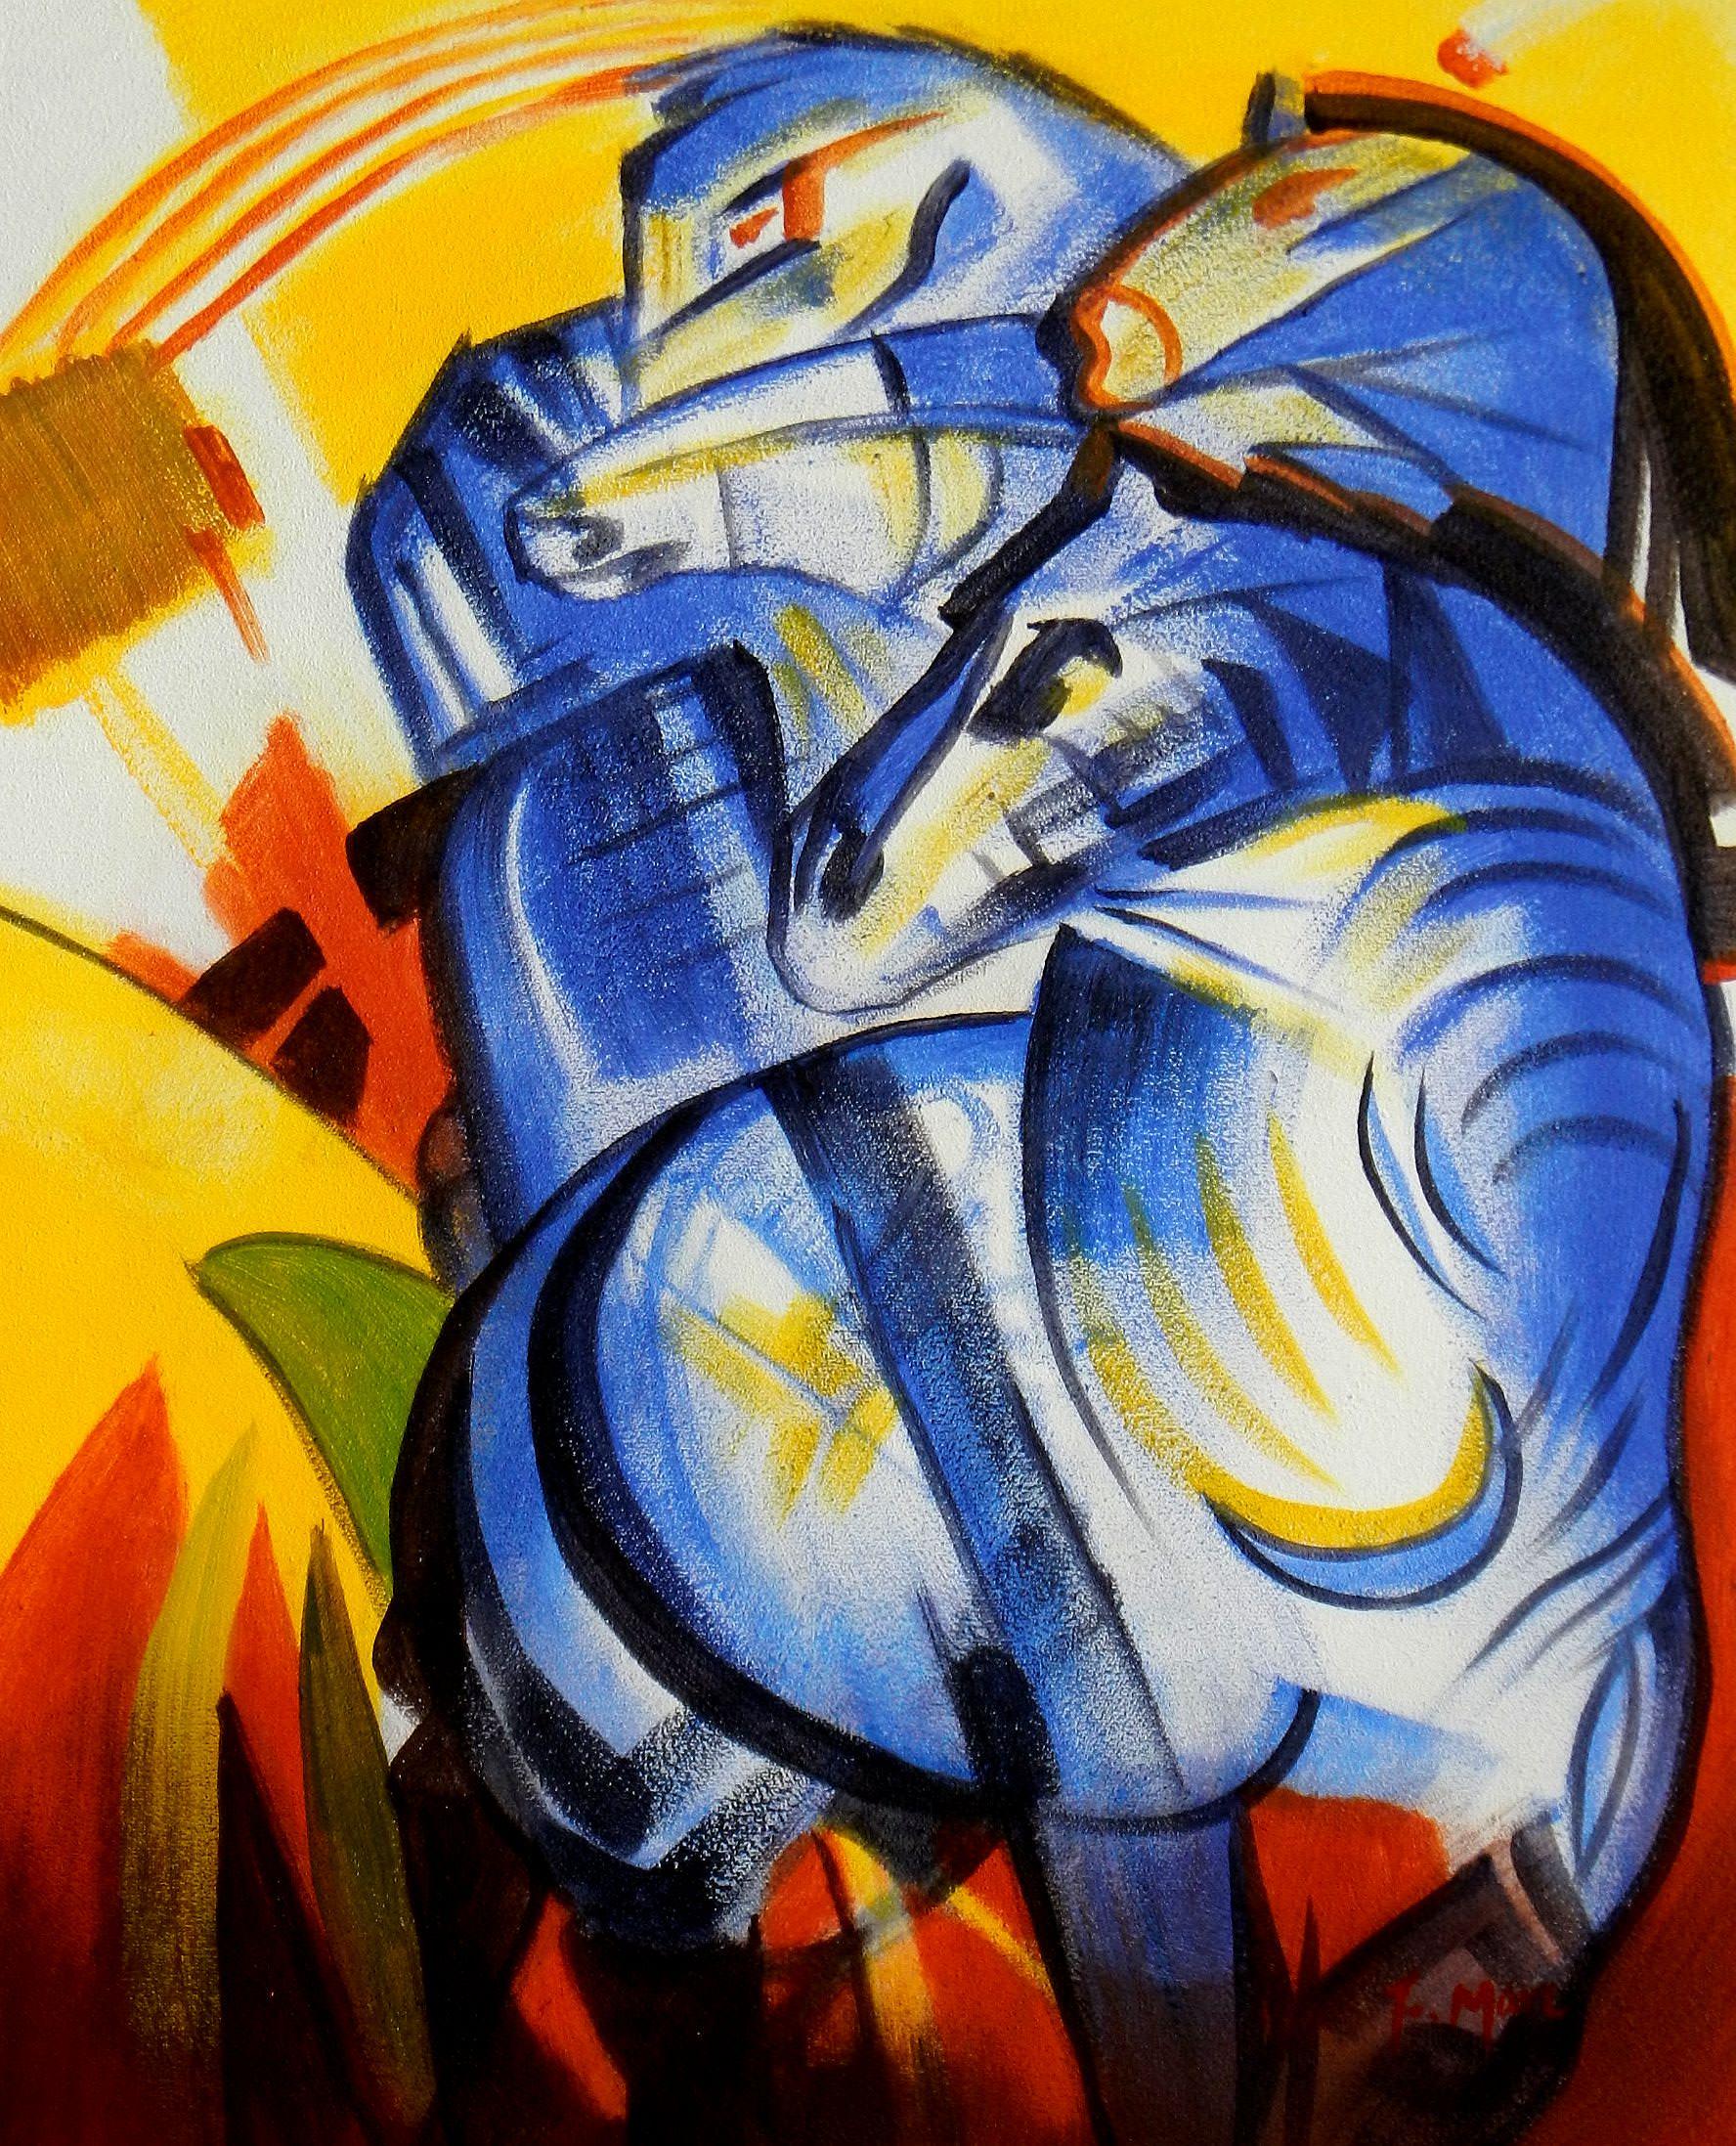 Franz Marc - Turm der blauen Pferde b93236 40x50cm Expressionismus Ölgemälde handgemalt